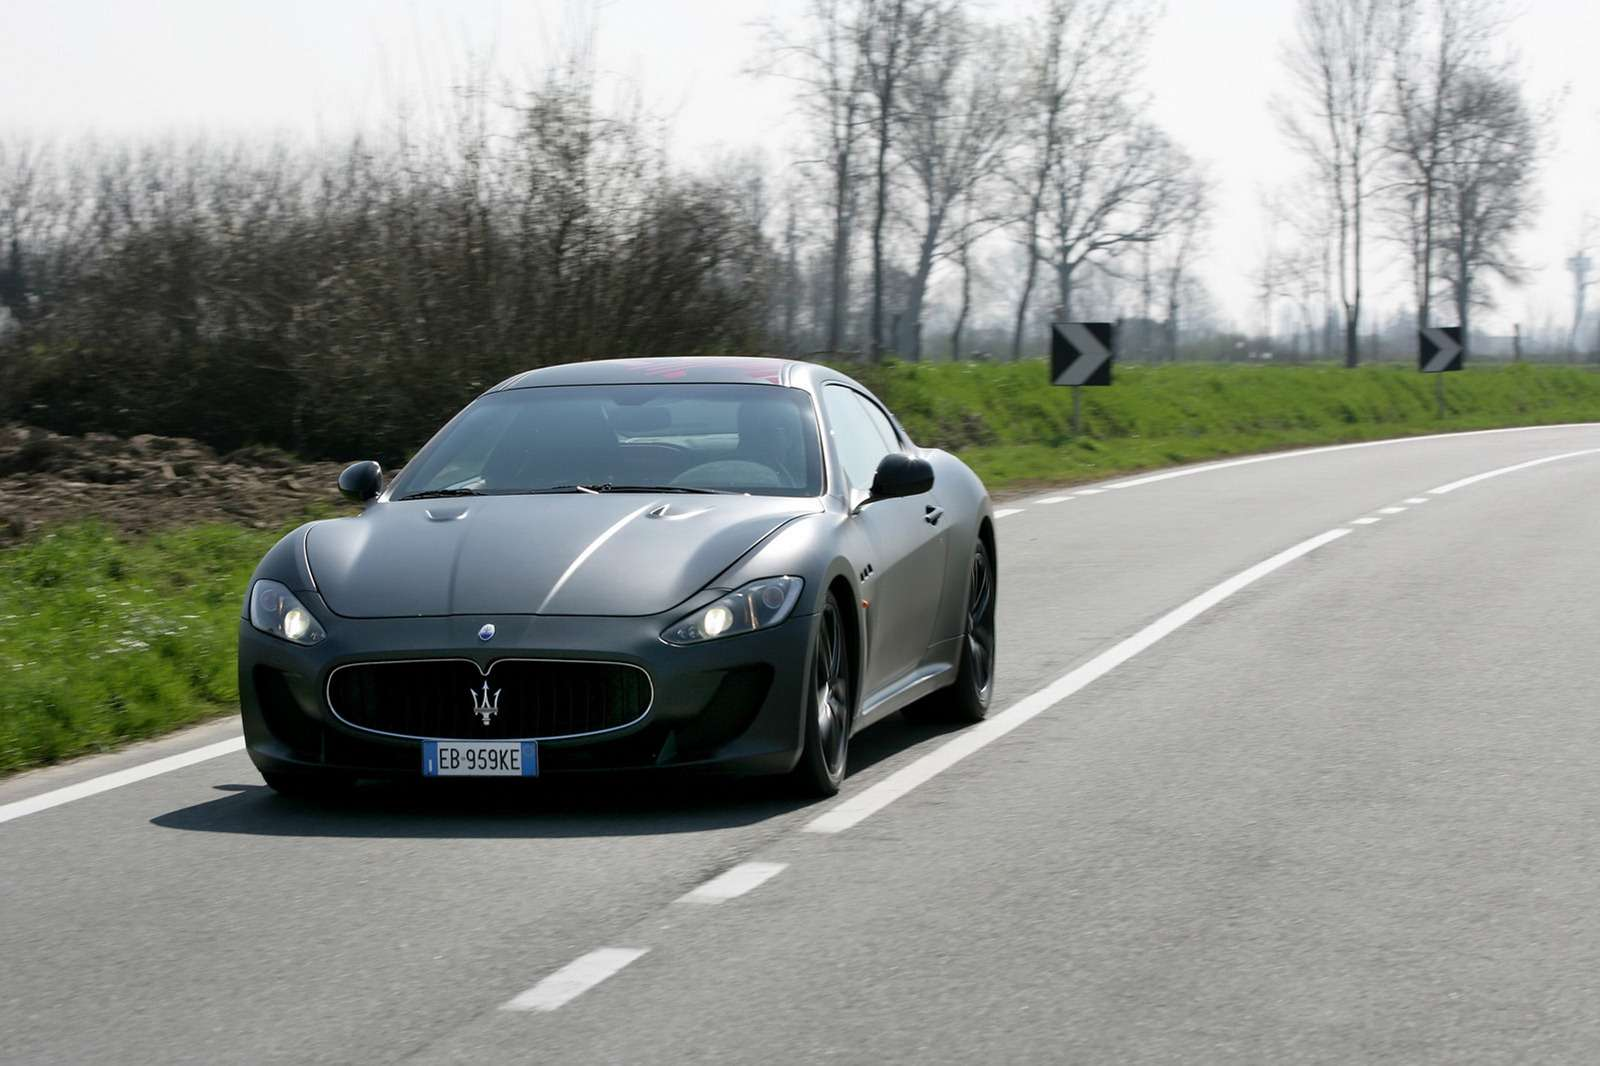 Maserati Gran Coupe fot dziecko policja styczen 2012